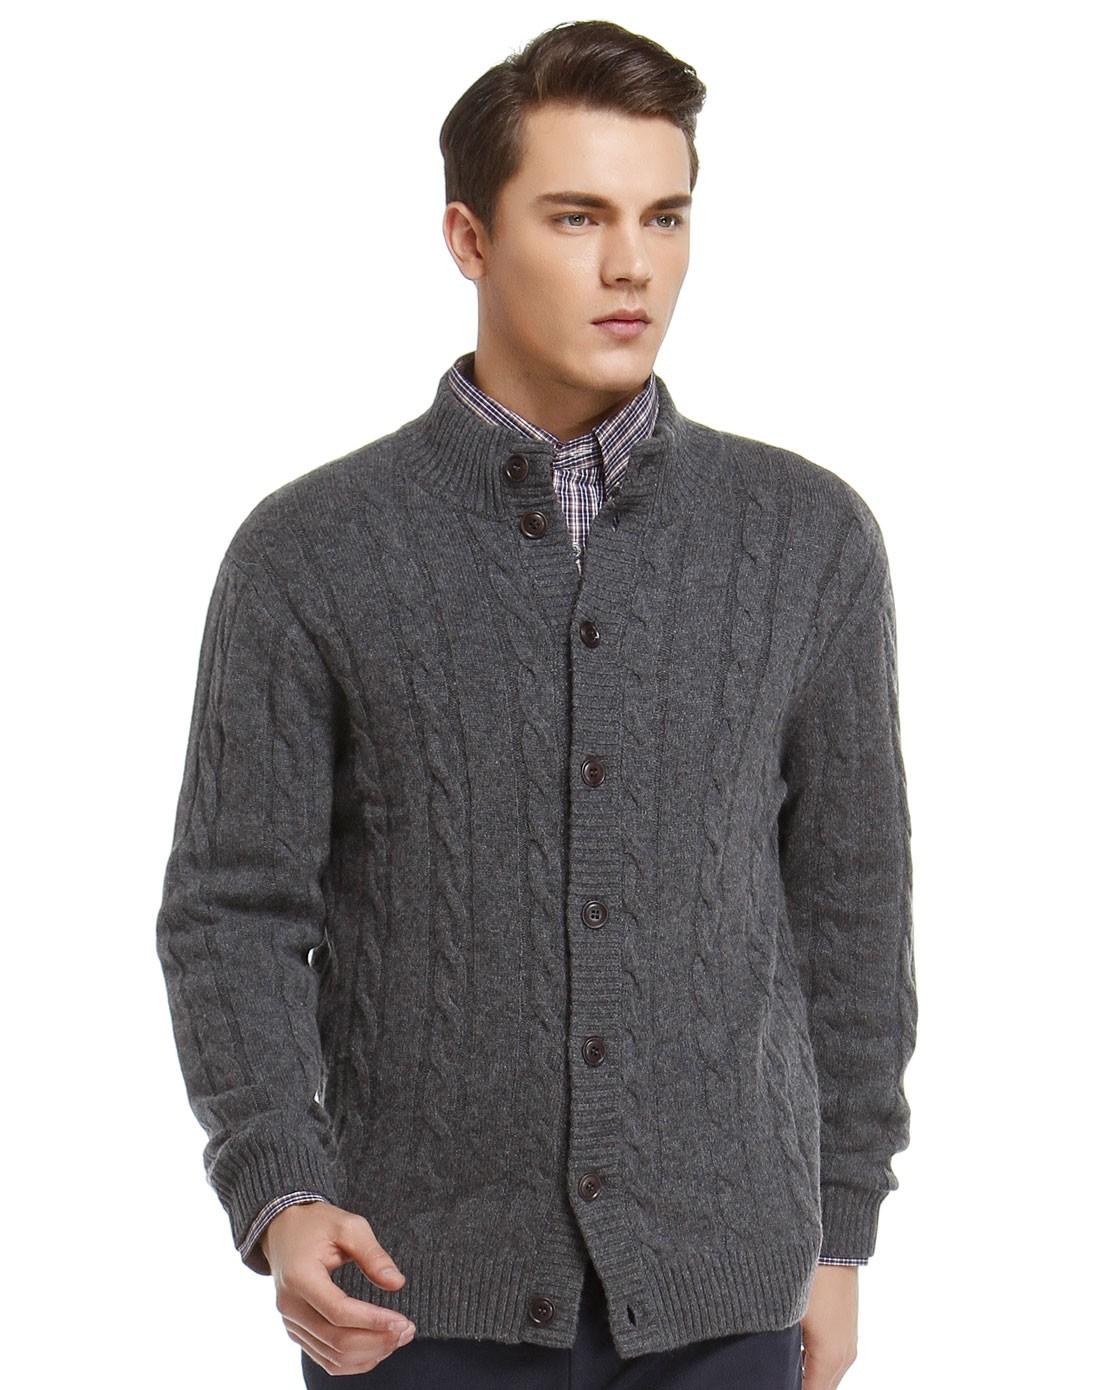 男款灰色长袖针织开衫毛衣 简洁易搭配